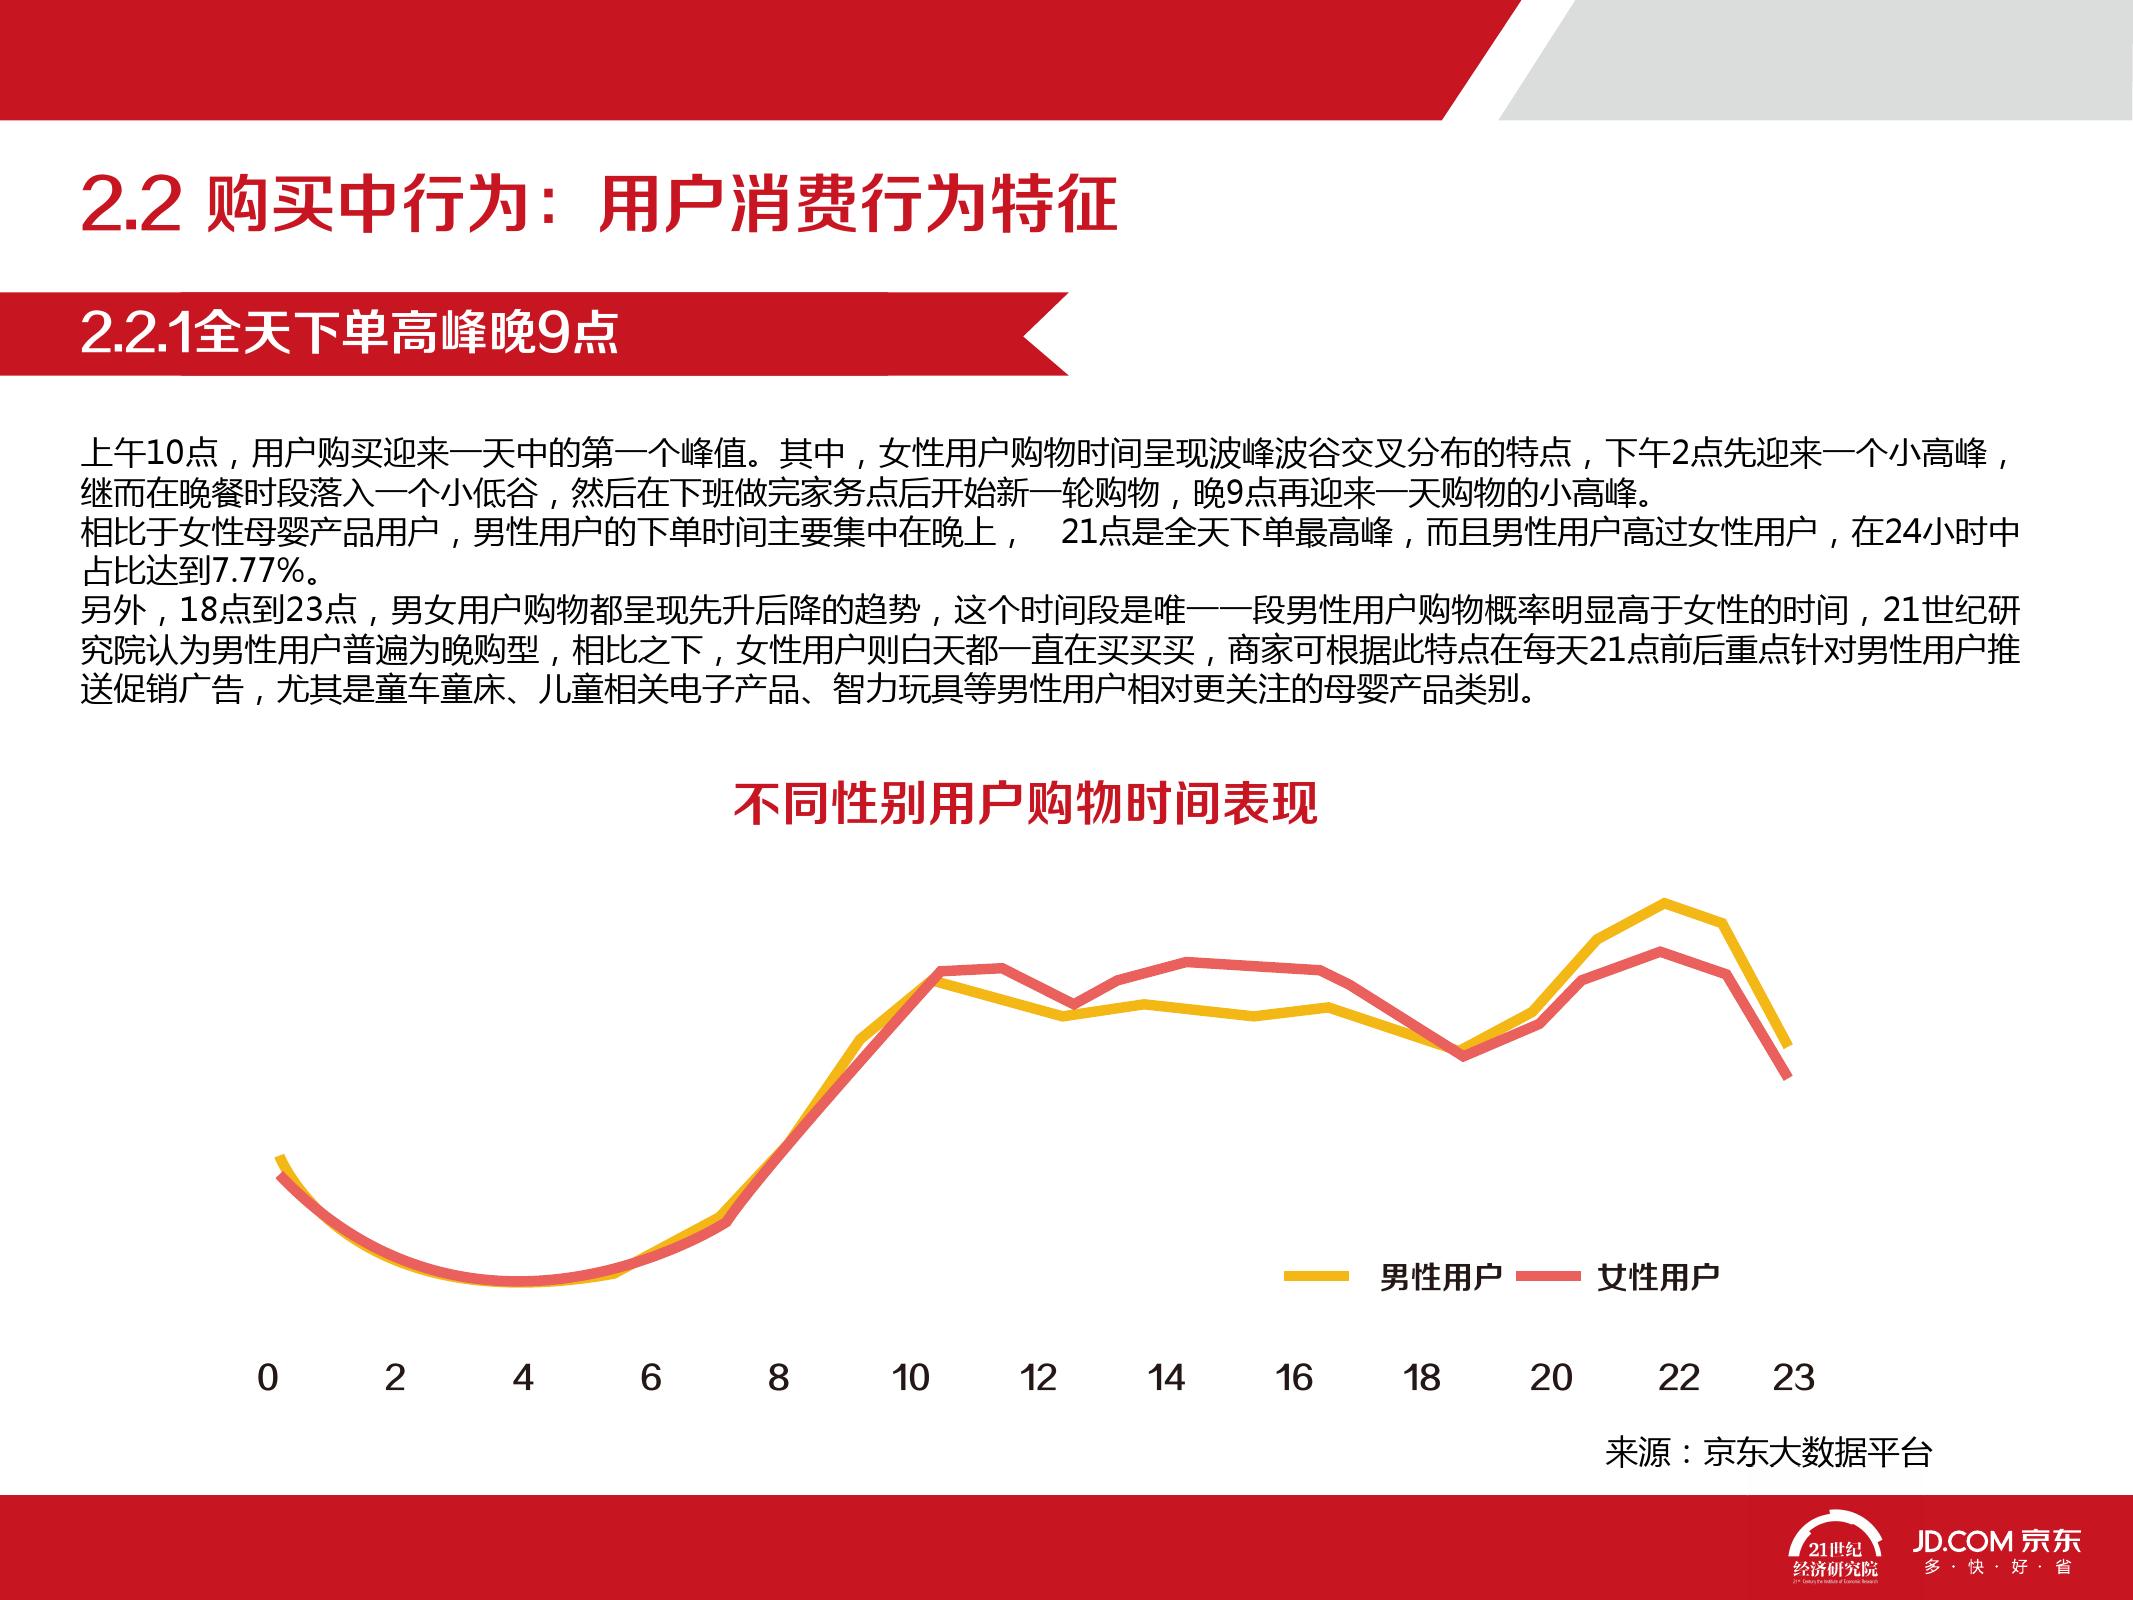 2016中国母婴产品消费趋势报告_000022